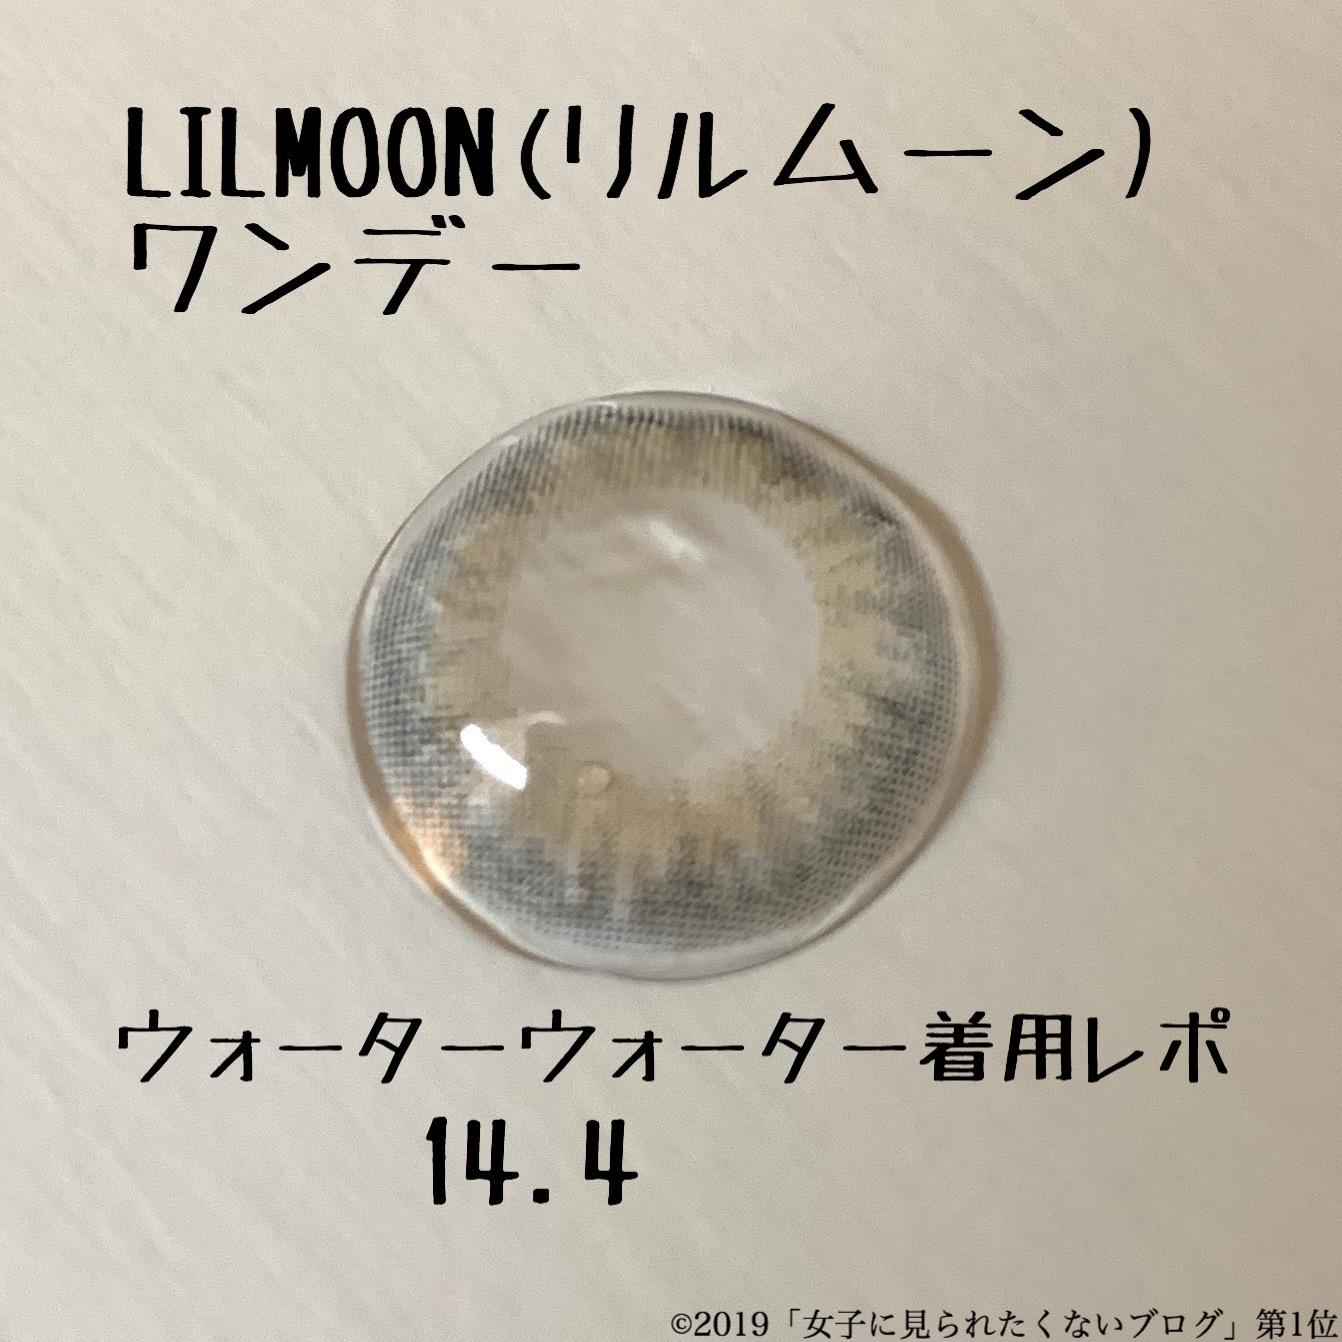 LILMOON(リルムーン) ワンデー【ウォーターウォーター】14.4 カラコンレビュー ハーフメイクと相性抜群